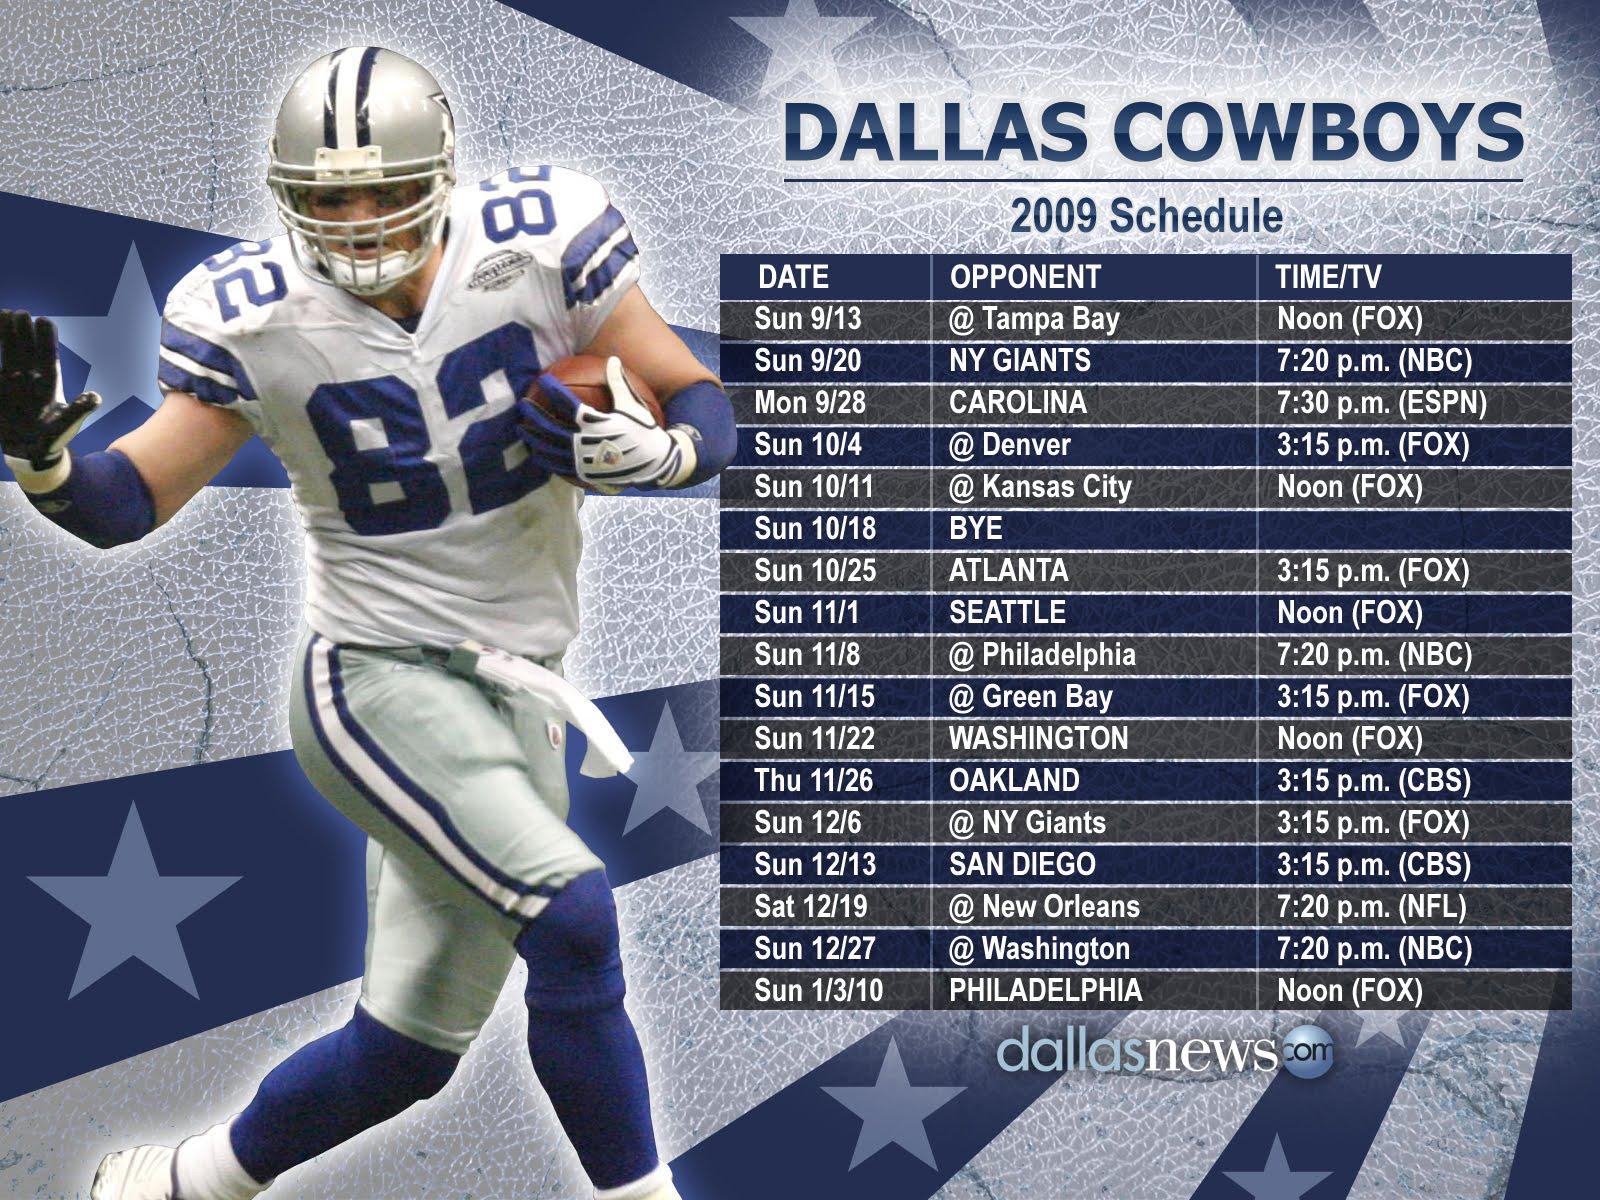 Dallas Cowboys background image Dallas Cowboys wallpapers 1600x1200